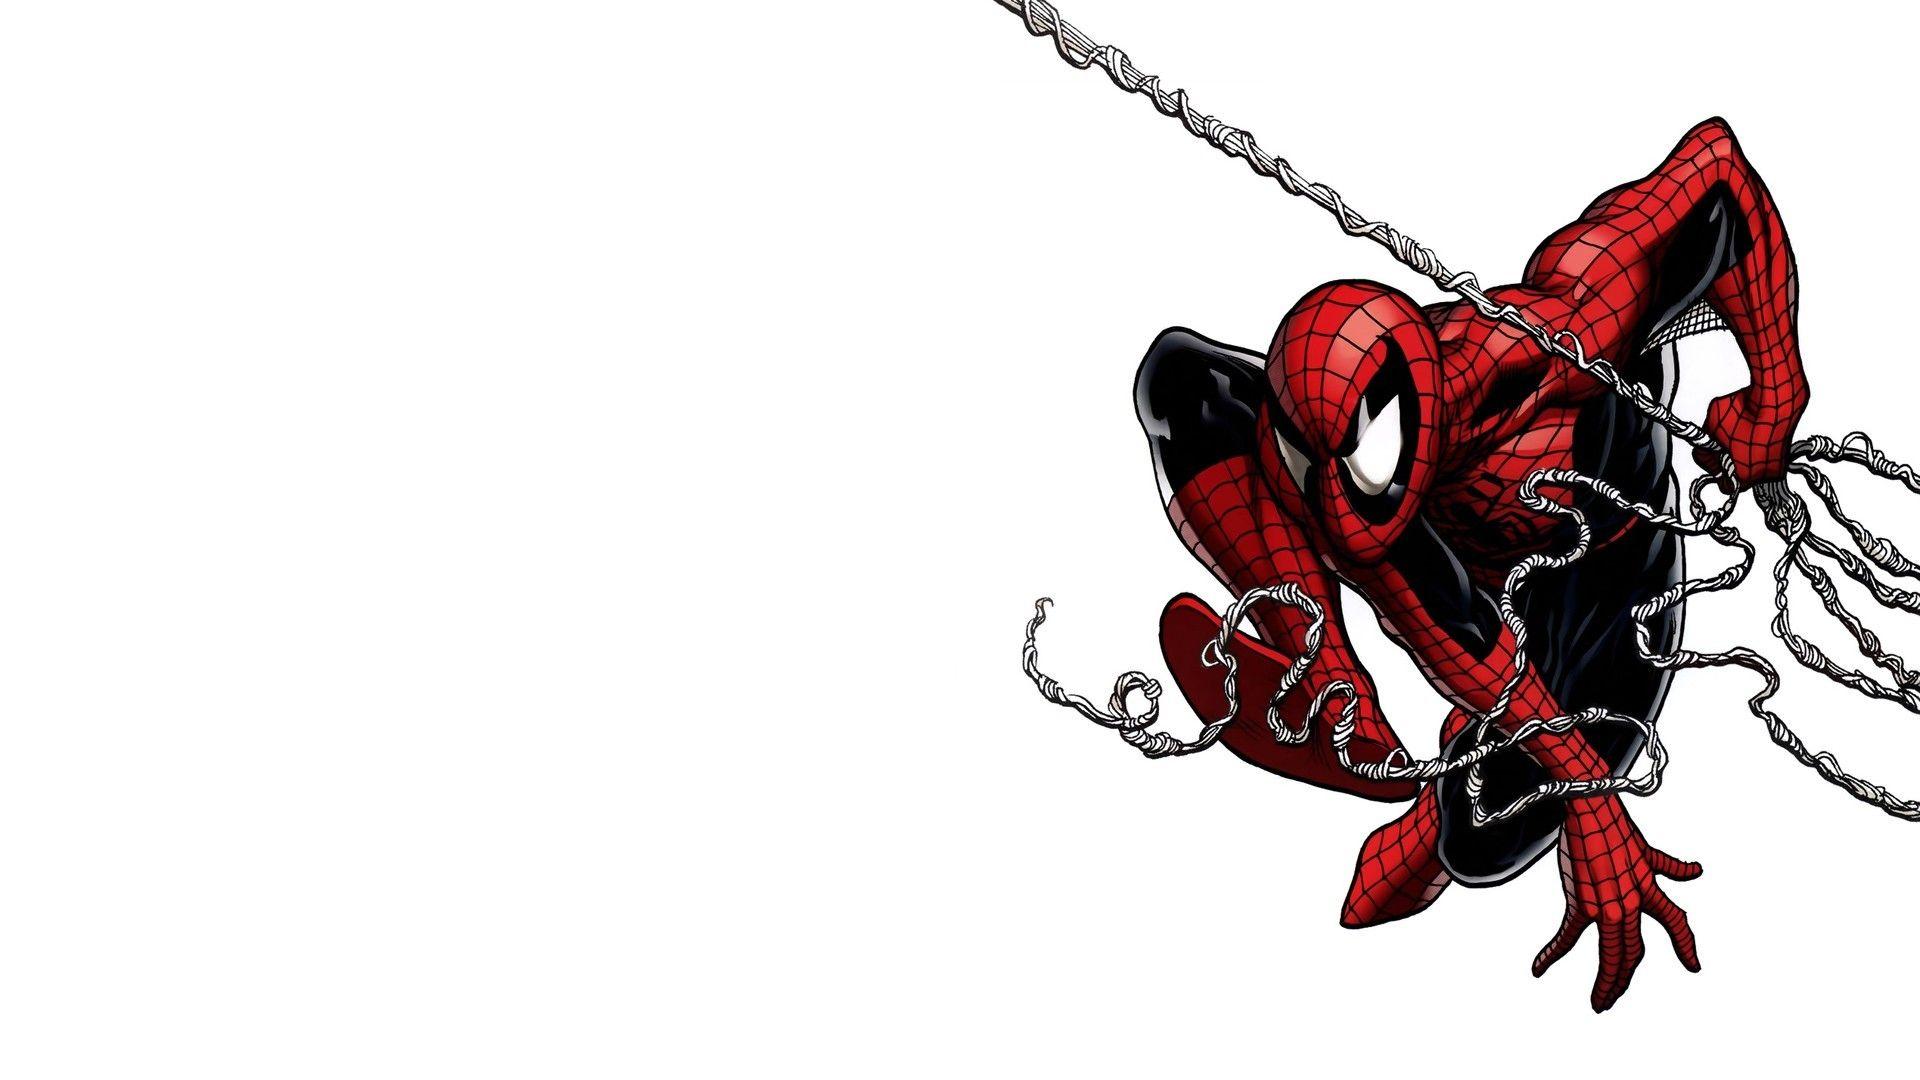 Comics Spider Man Marvel Spiderman Comic Spiderman Marvel Comics Wallpaper